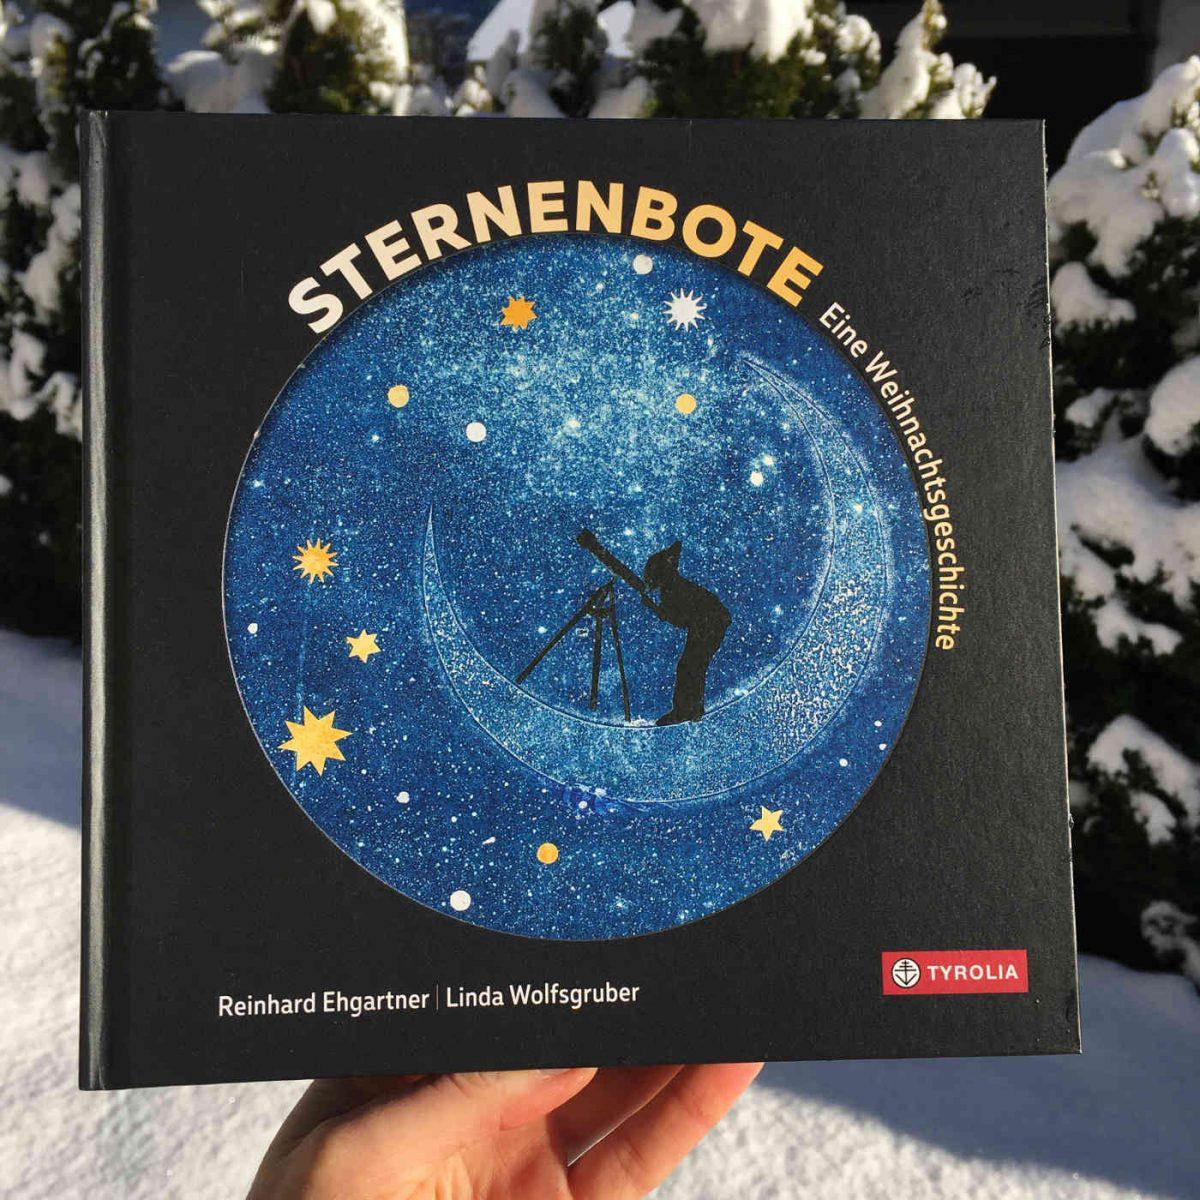 Reinhard Ehgartner und Linda Wolfsgruber: Sternenbote, eine Weihnachtsgeschichte